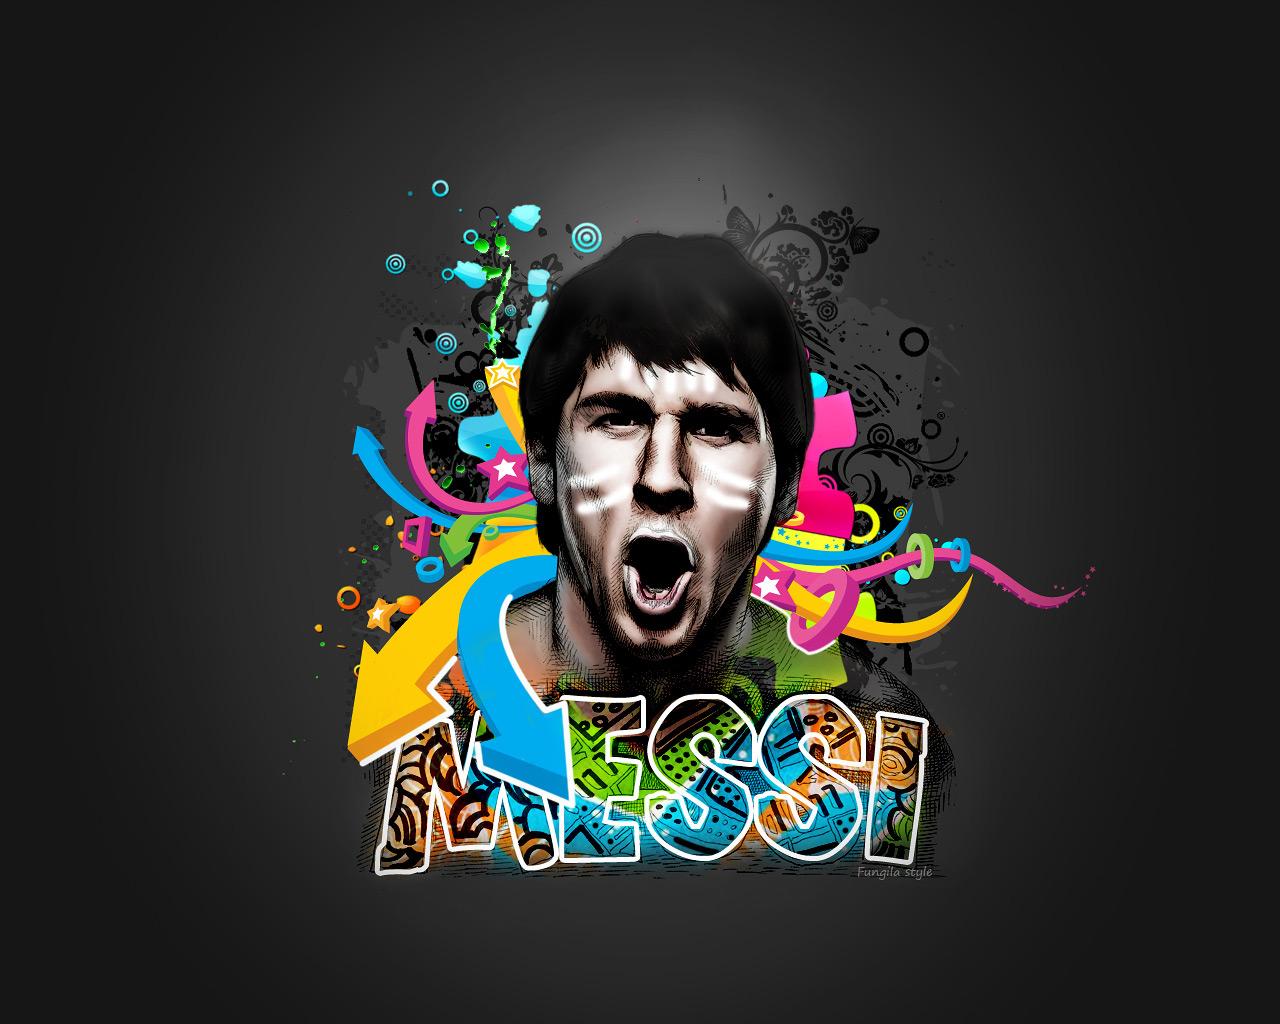 http://2.bp.blogspot.com/-hXcbl0i7MyI/UEi5fOg1EwI/AAAAAAAAHfc/-5KHKZ8Dze4/s1600/Lionel_Messi-art_gallery.jpg